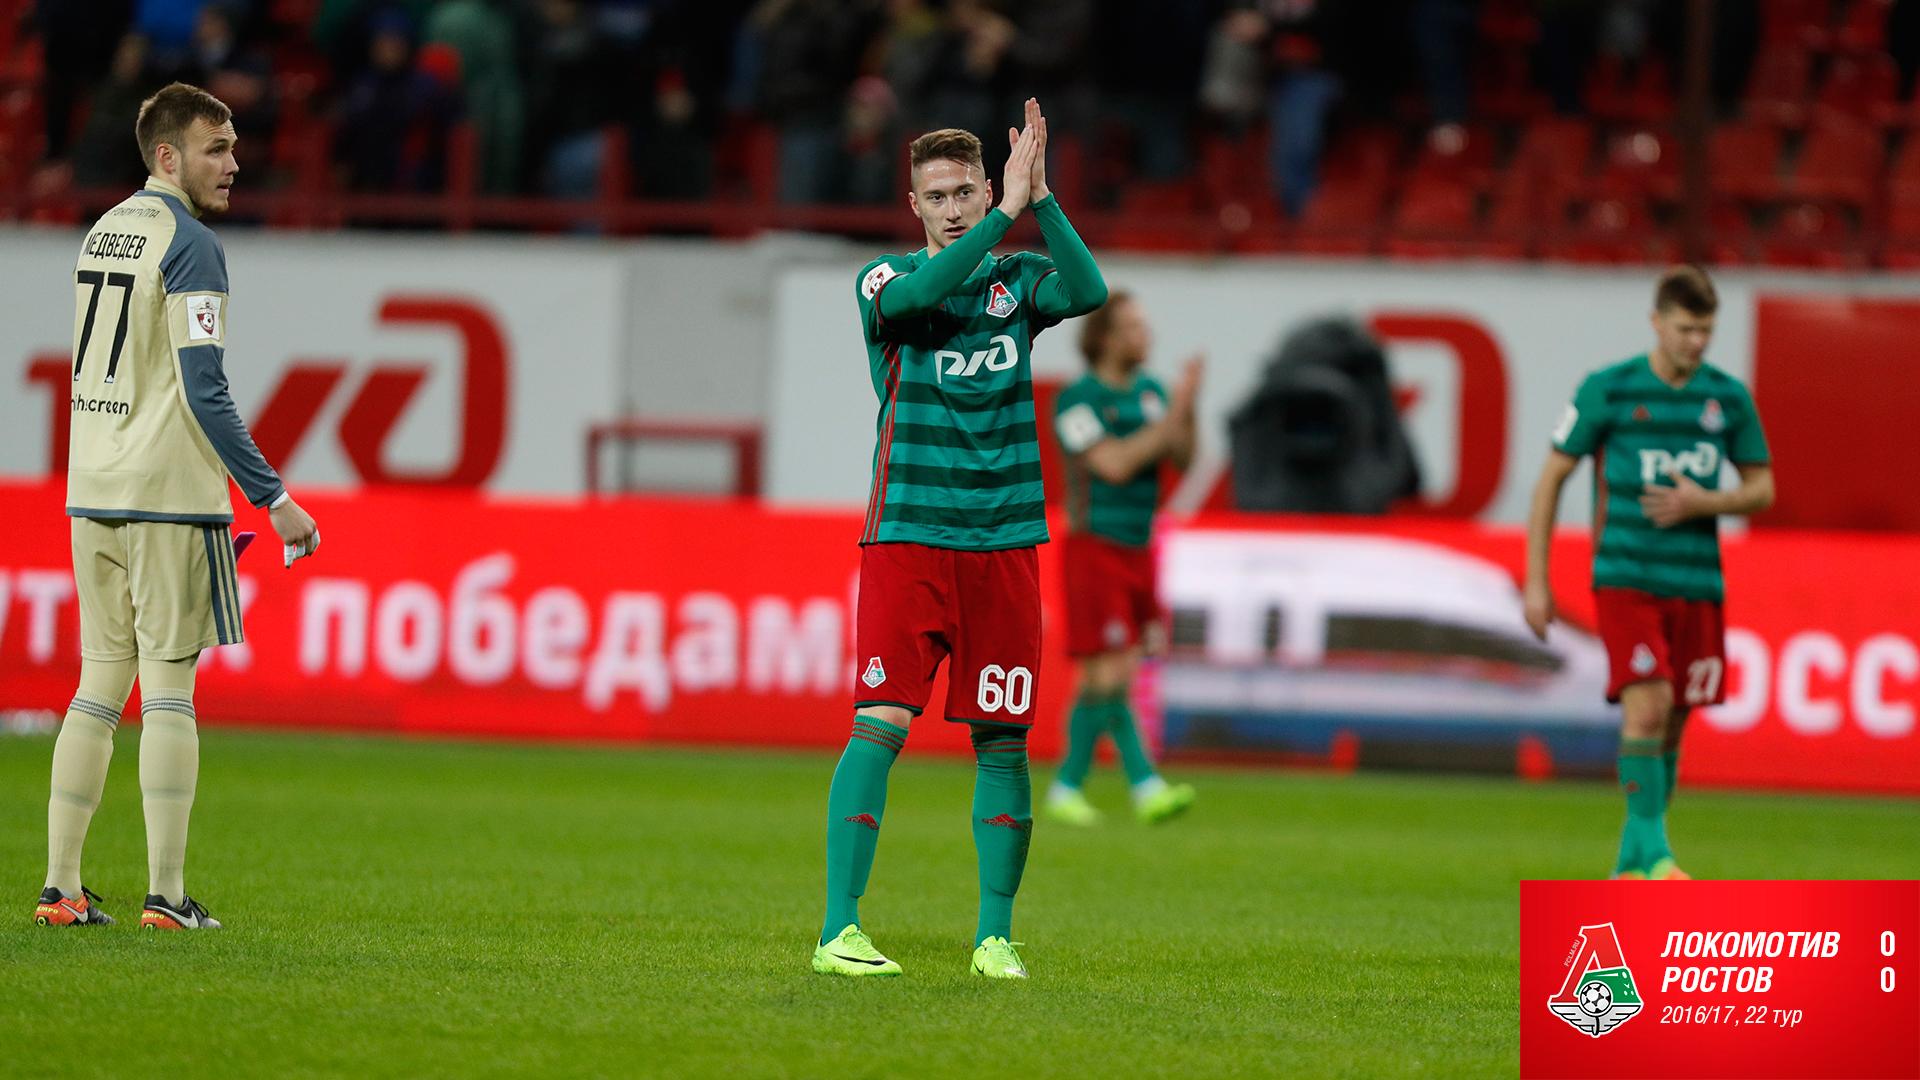 «Локомотив» - «Ростов» - 0:0